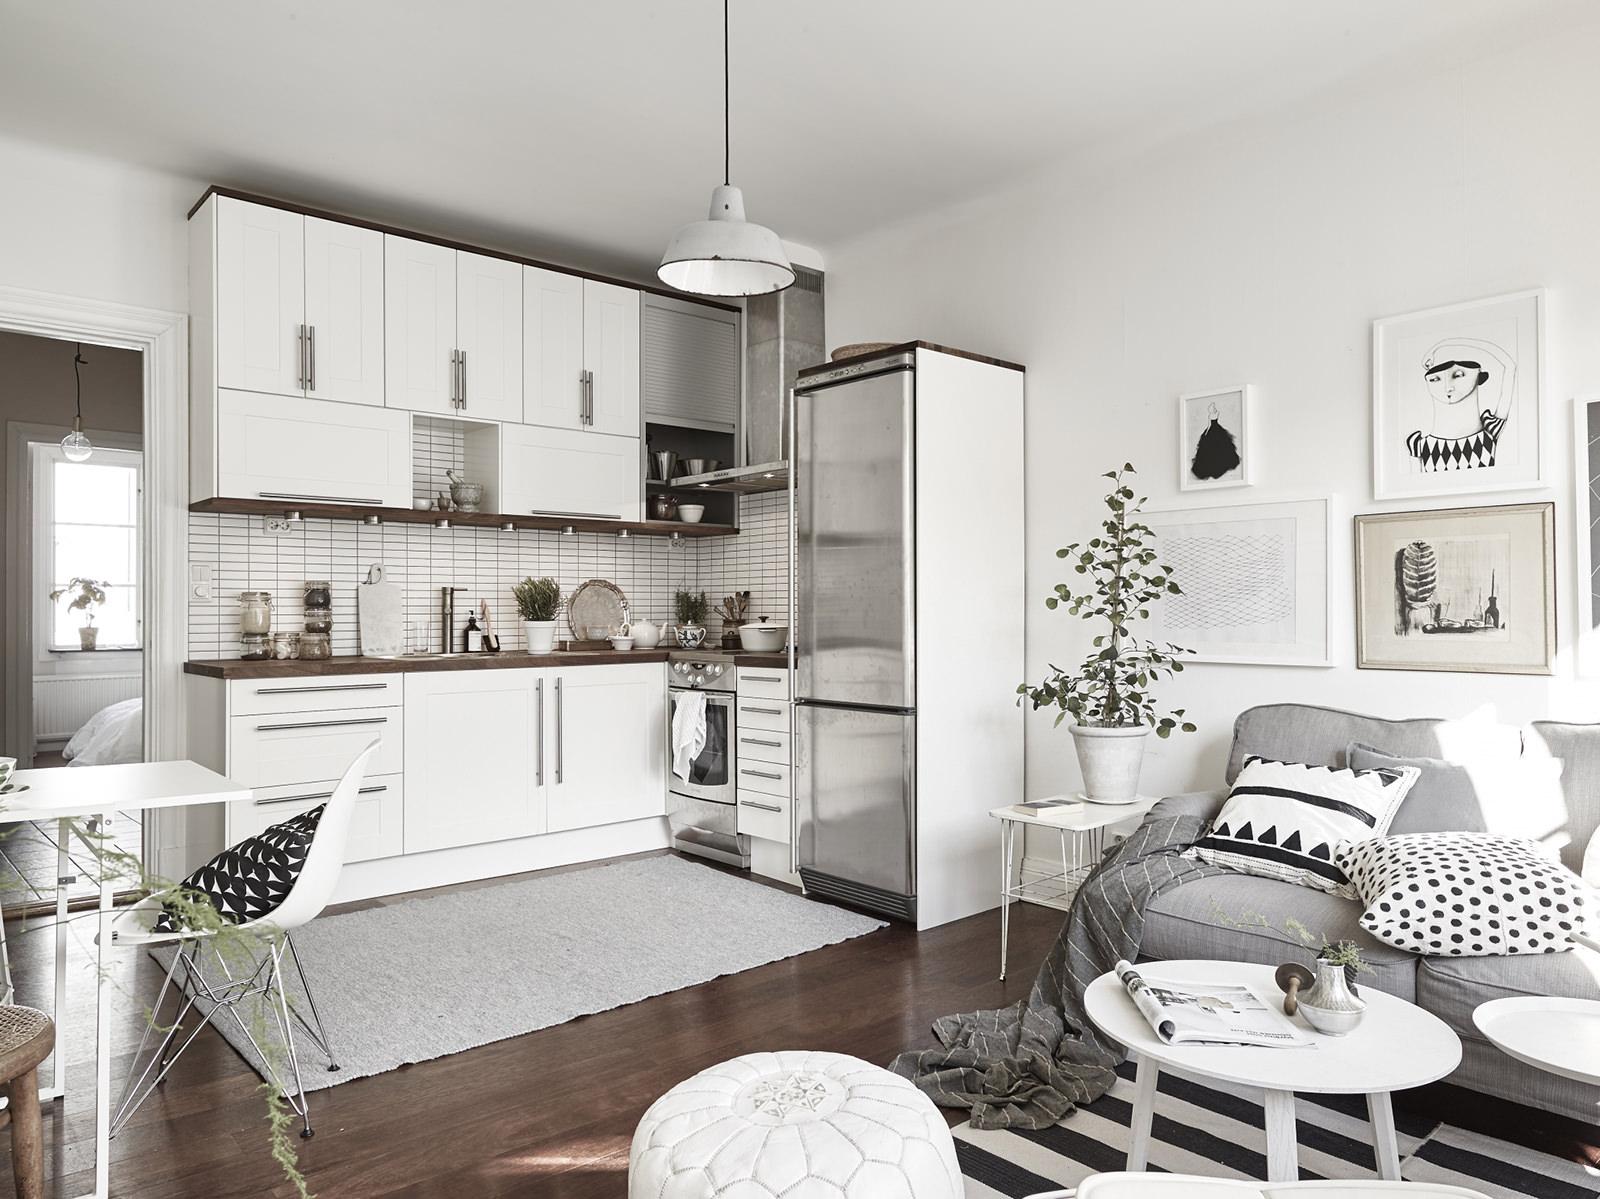 Совмещение кухни и гостиной в скандинавском интерьере